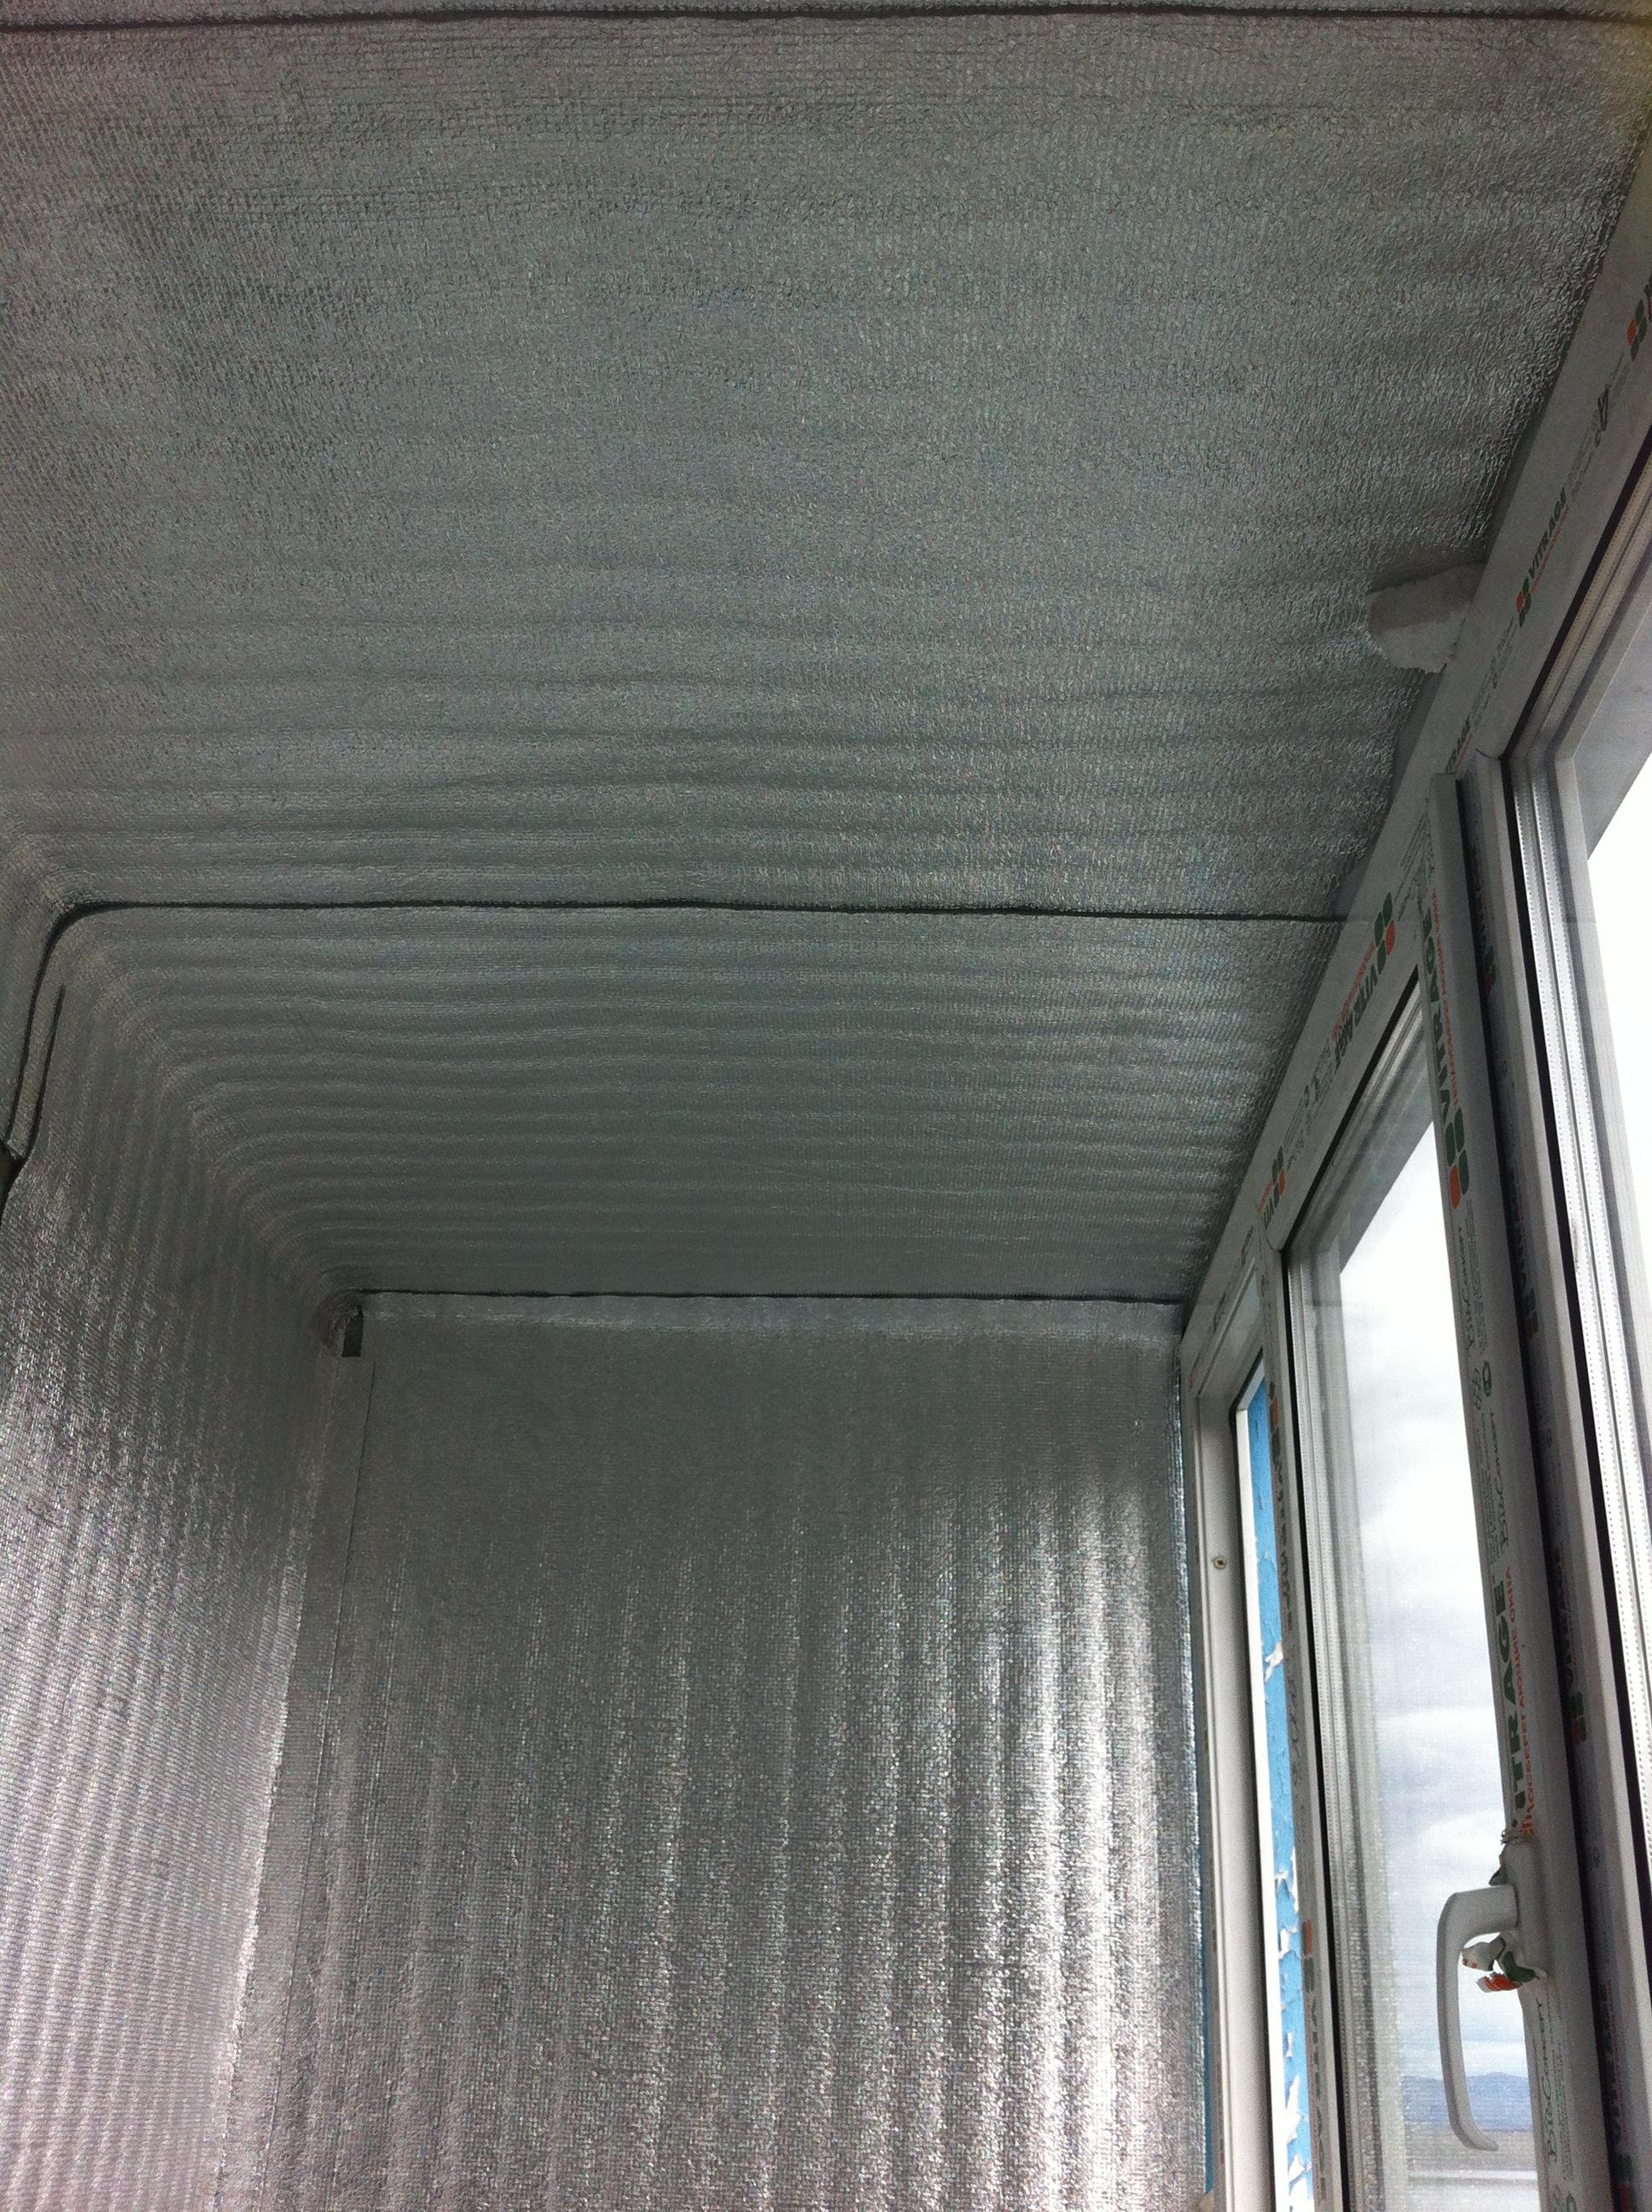 Утепление и остекление балконов: видео-инструкция по монтажу.